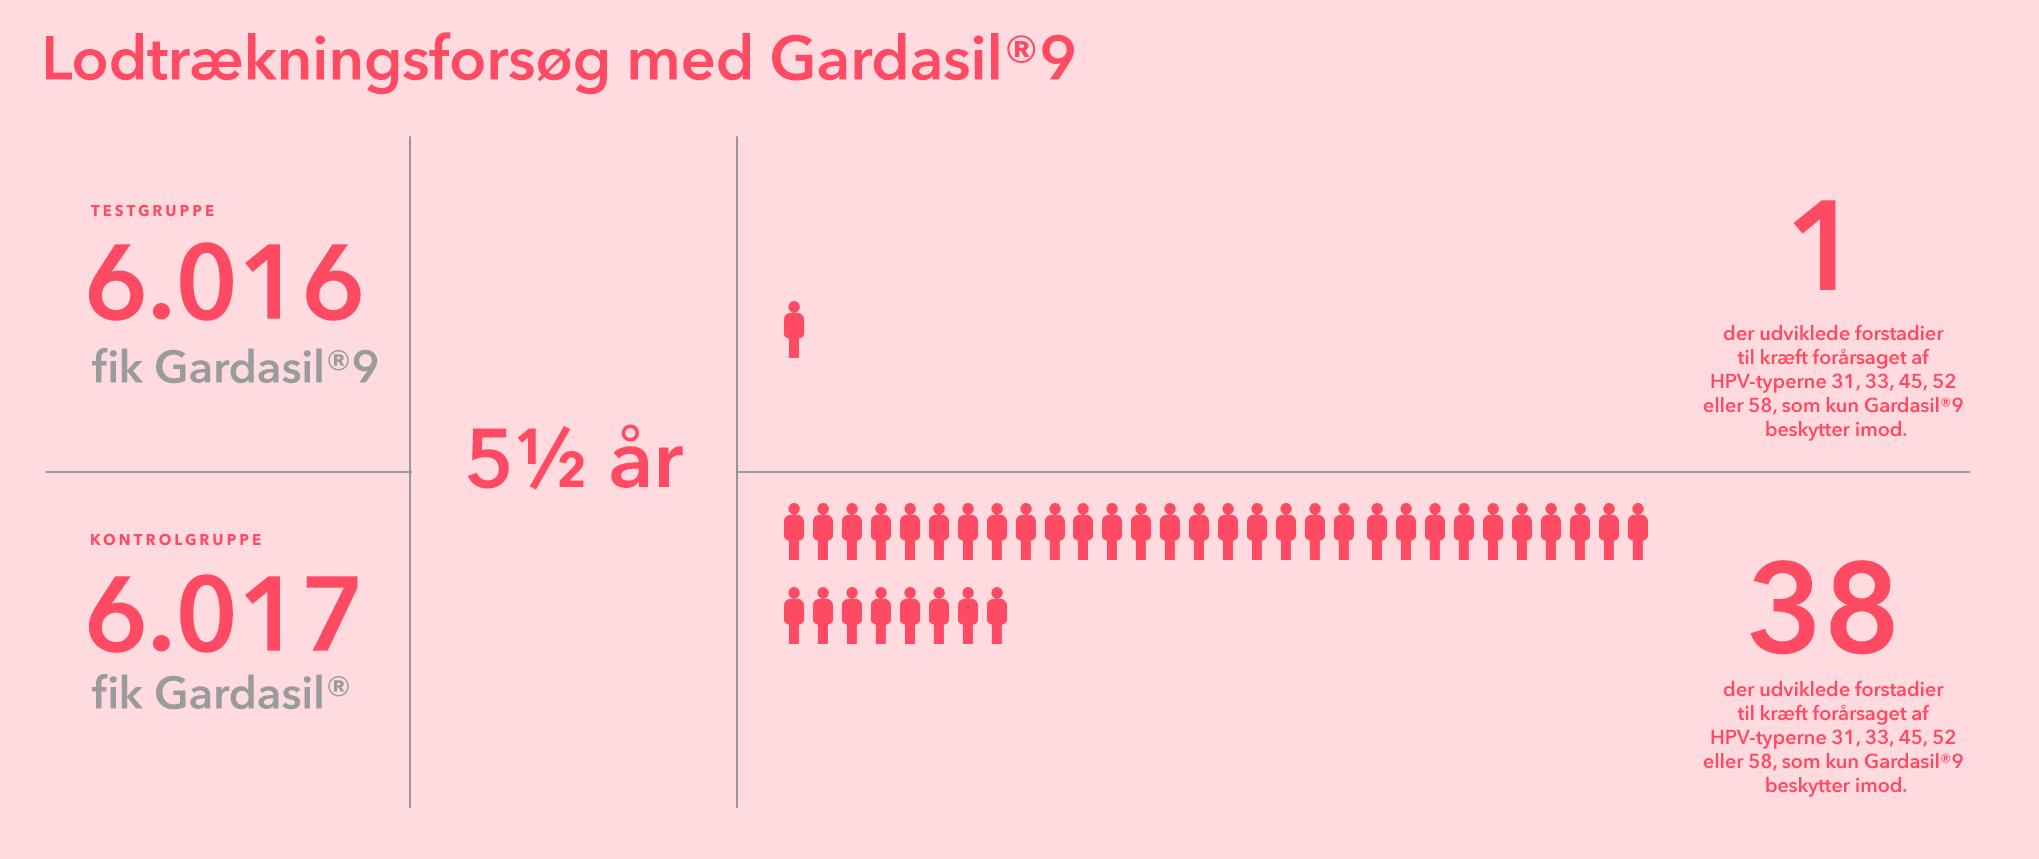 Lodtrækningsforsøg med Gardasil®9